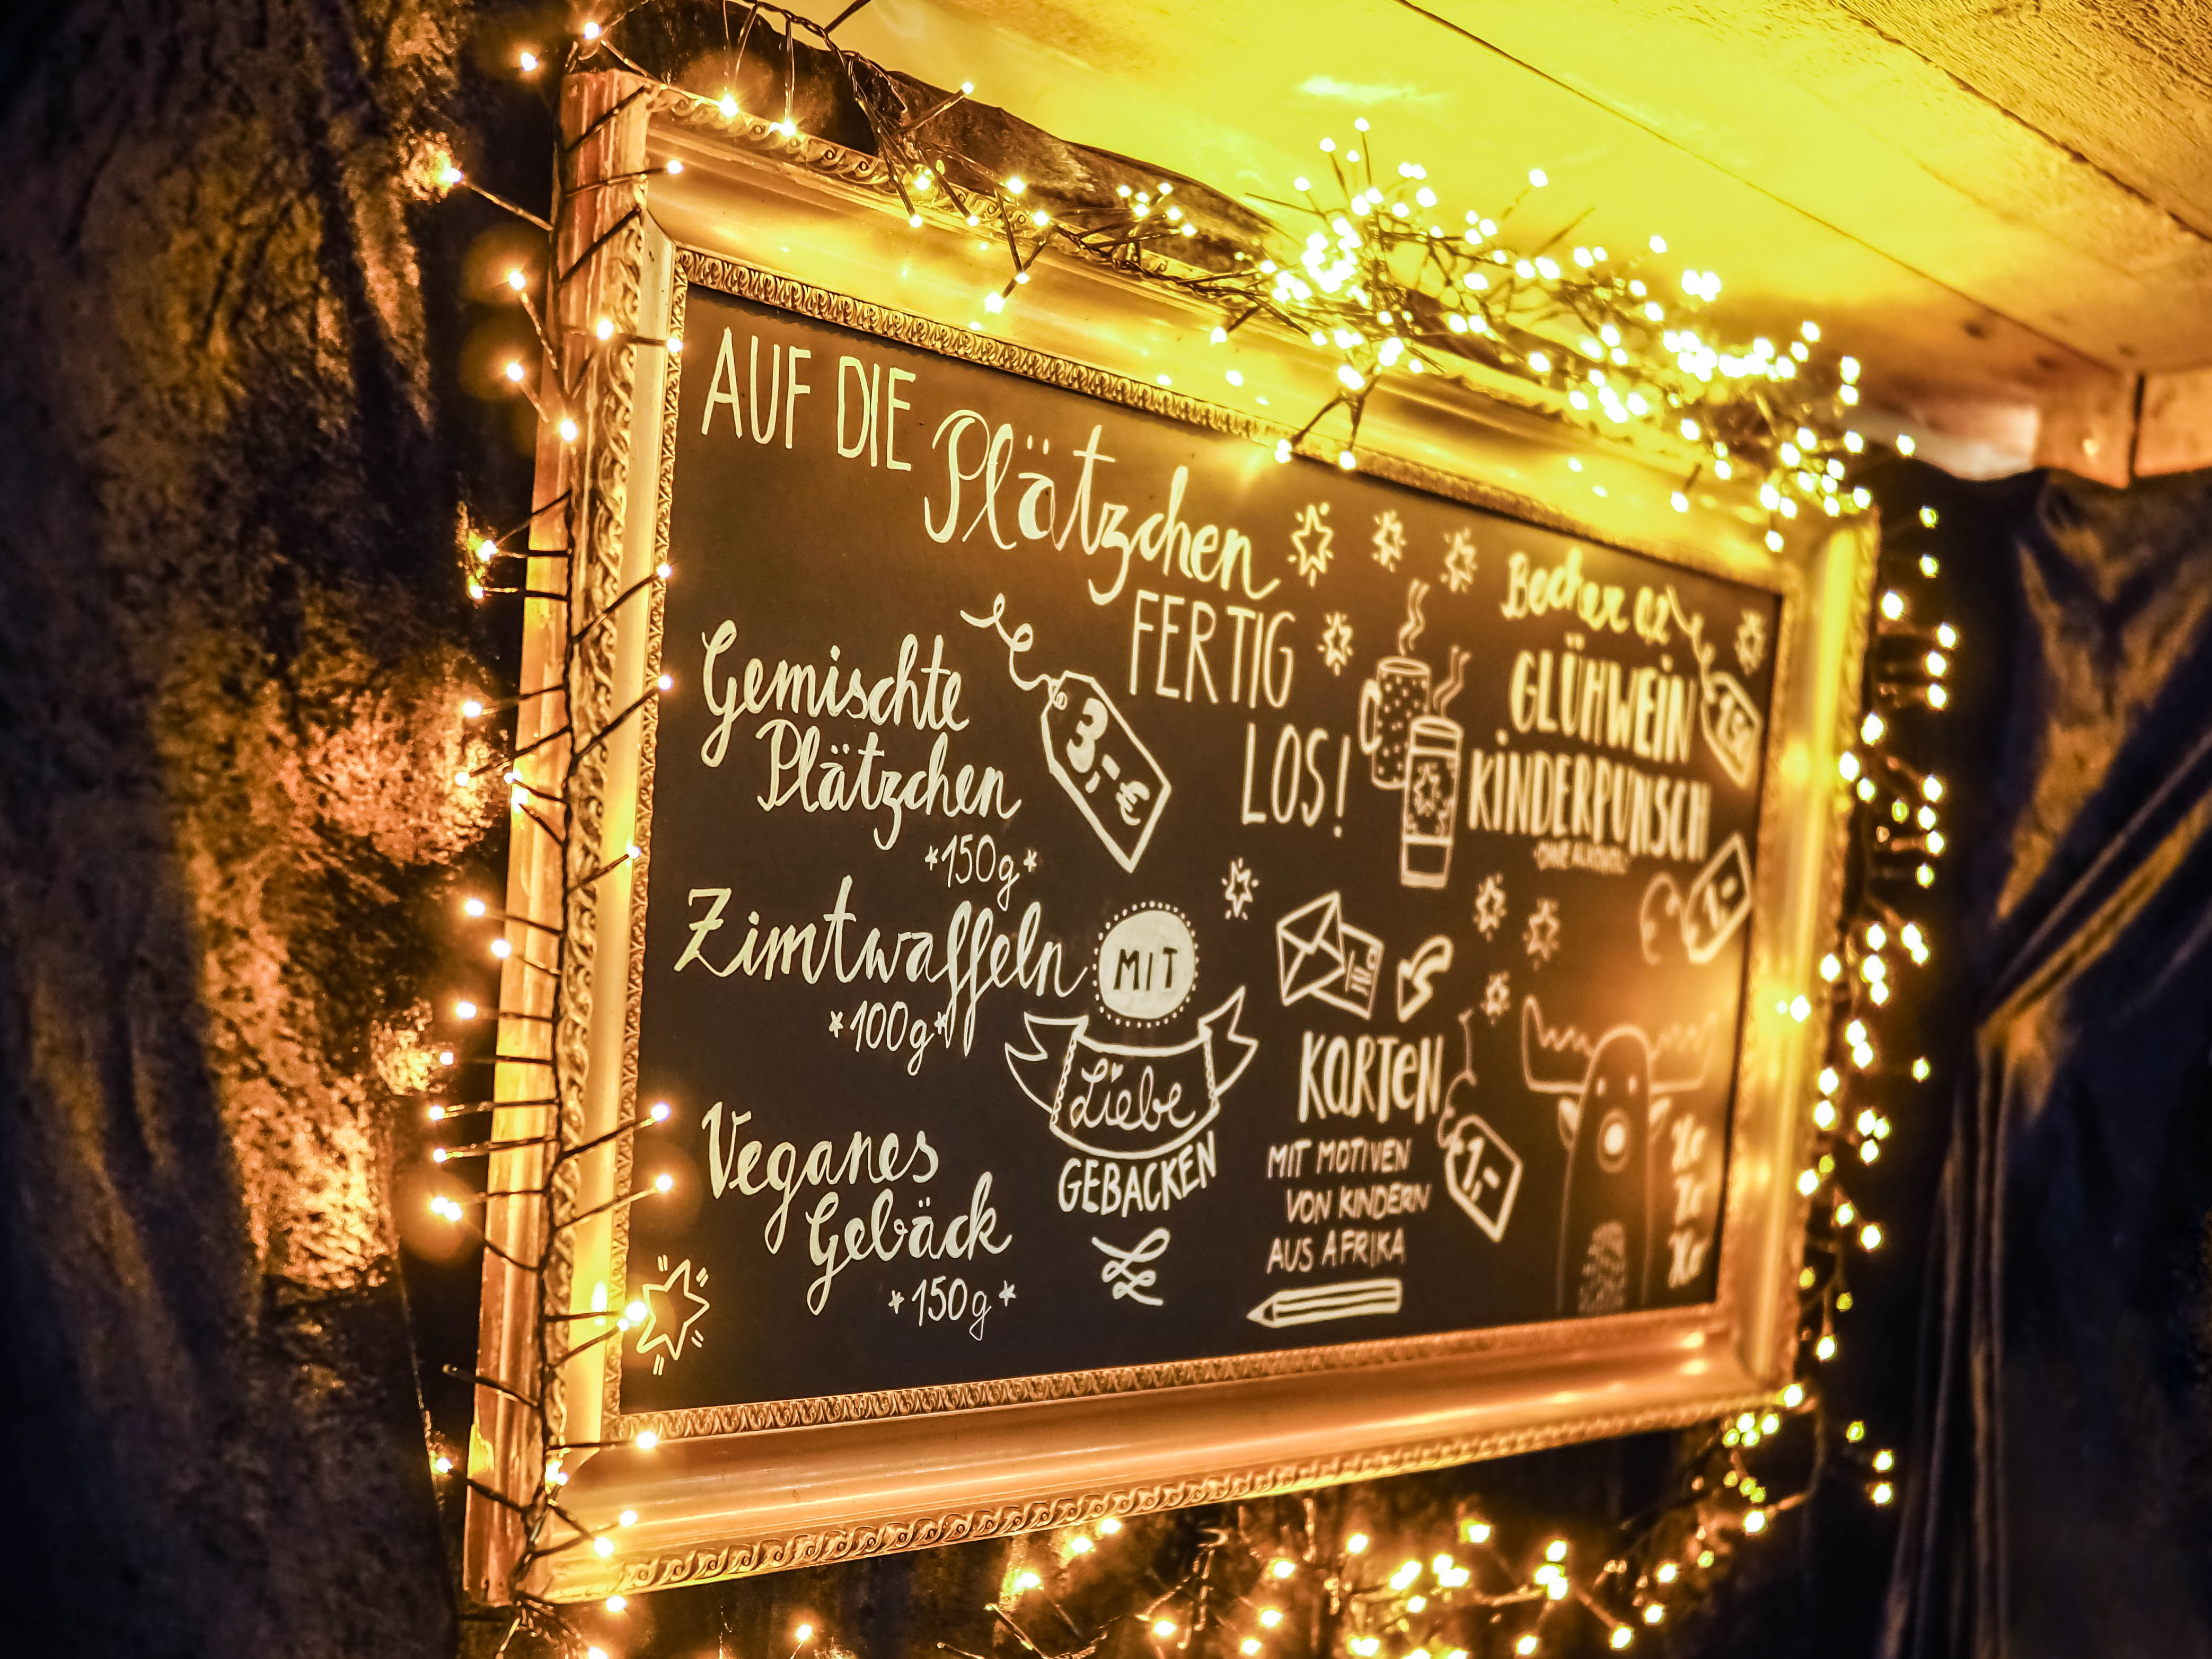 Osteomyelitishilfe_Weihnachtsmarkt_2017_11